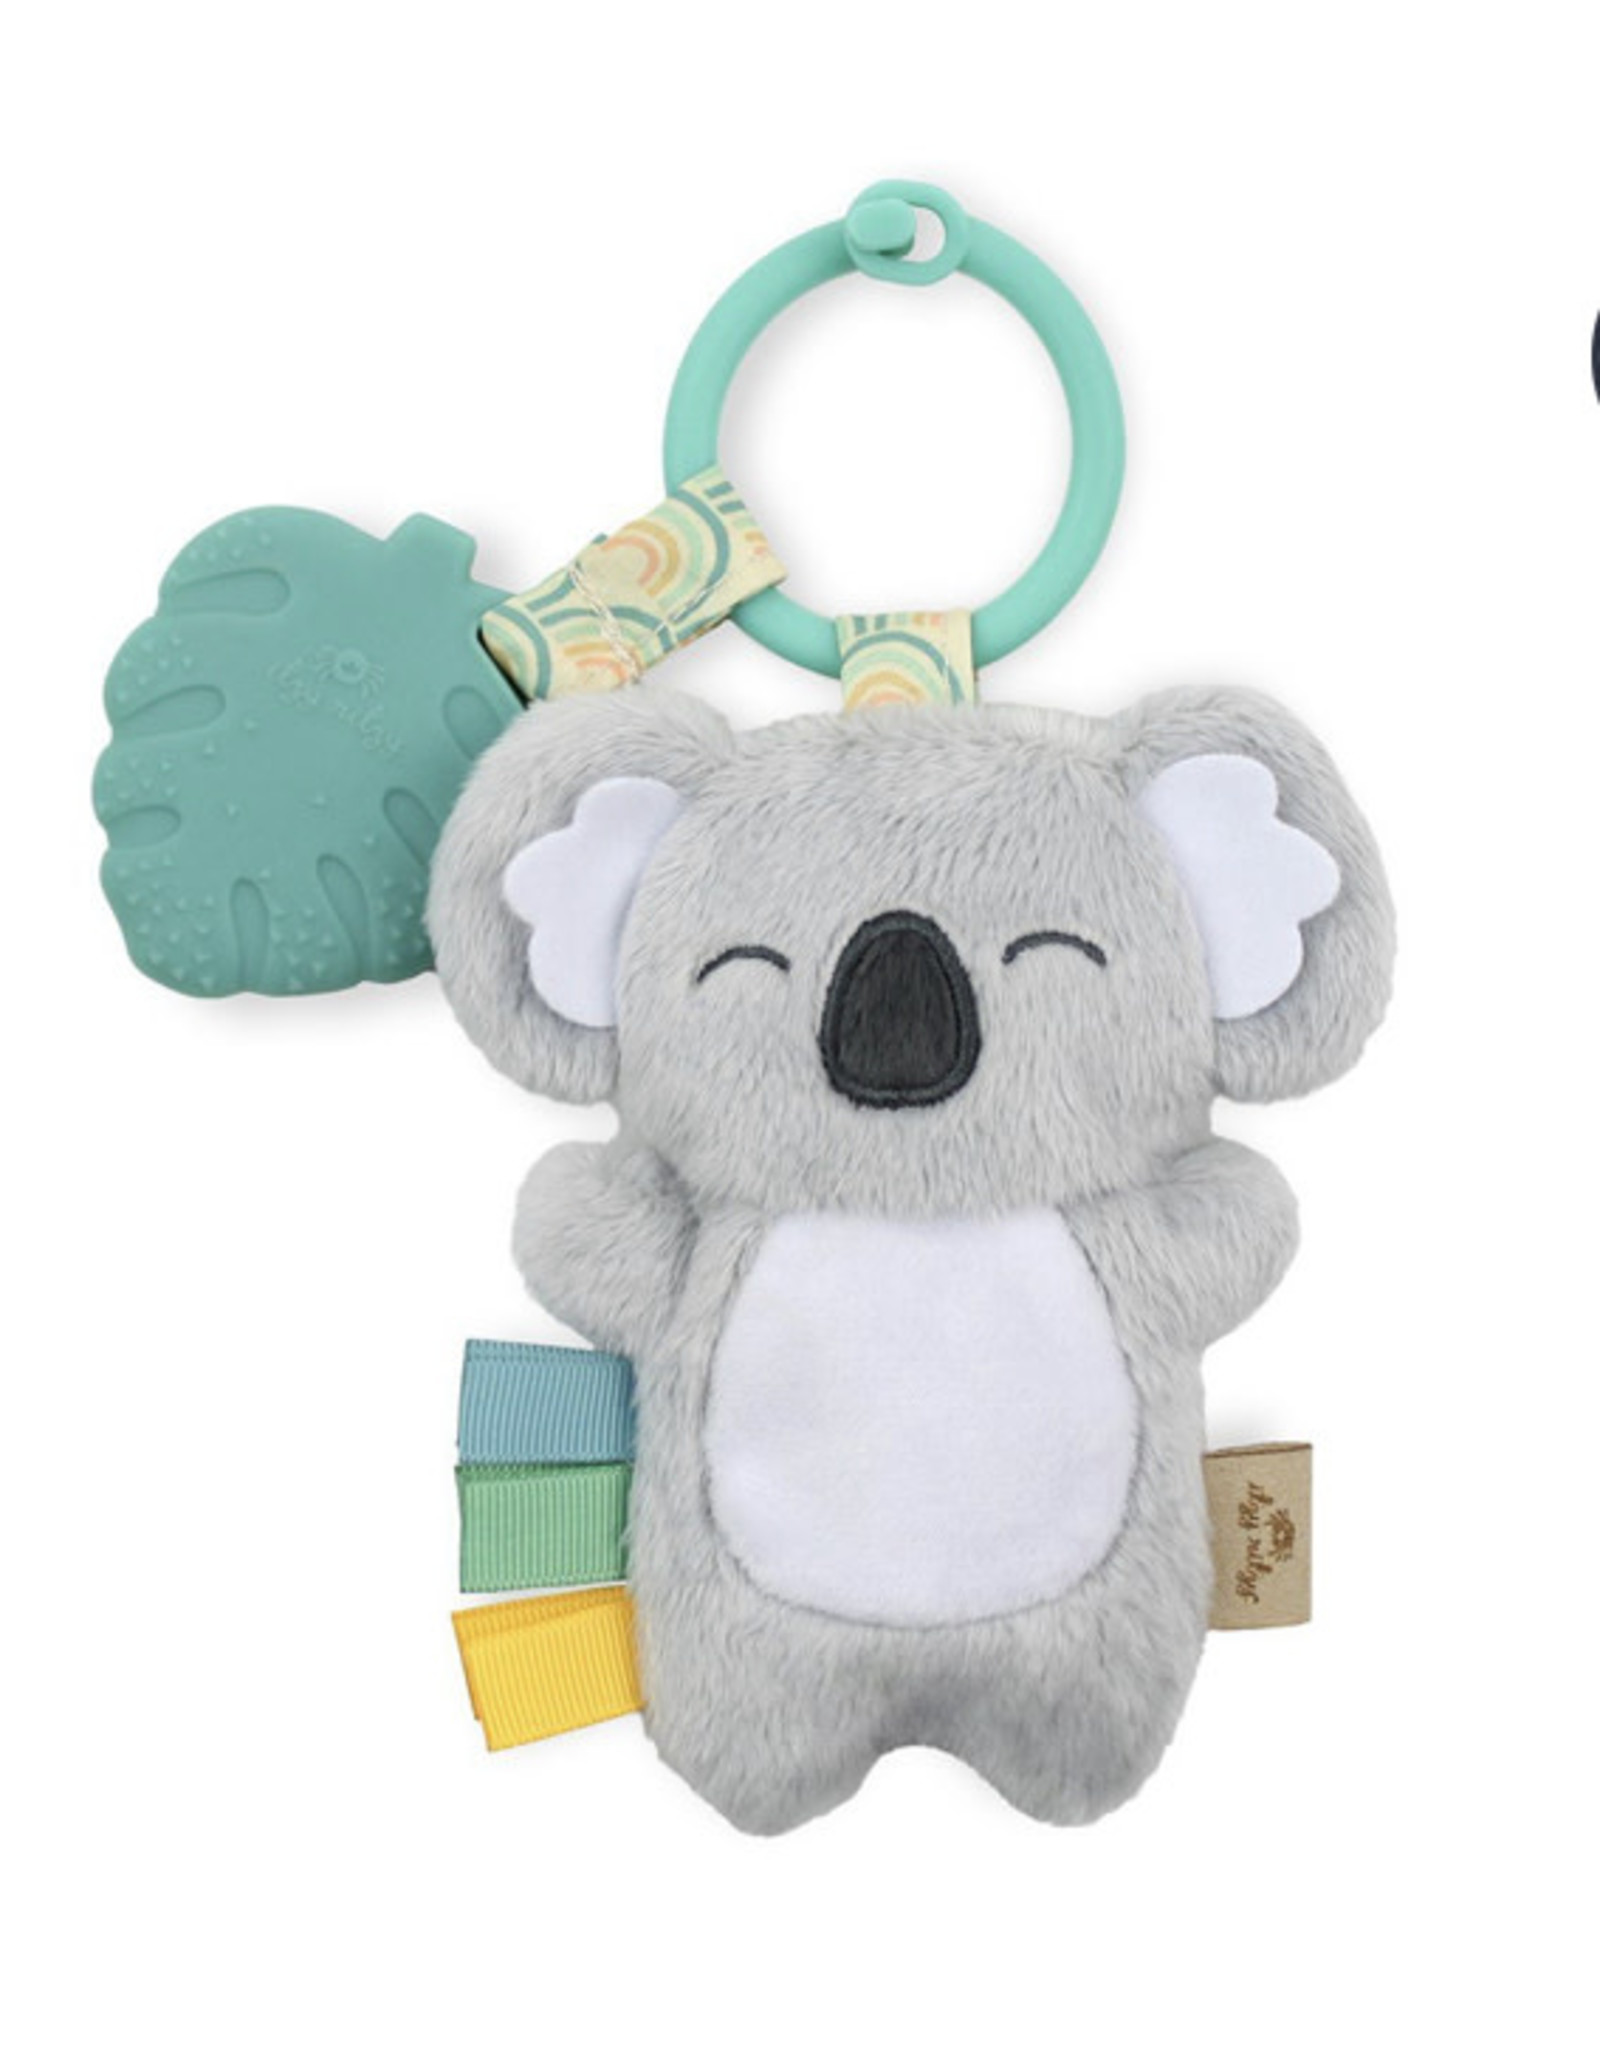 Itzy Ritzy Itzy Ritzy- Pal Plush Teether Koala